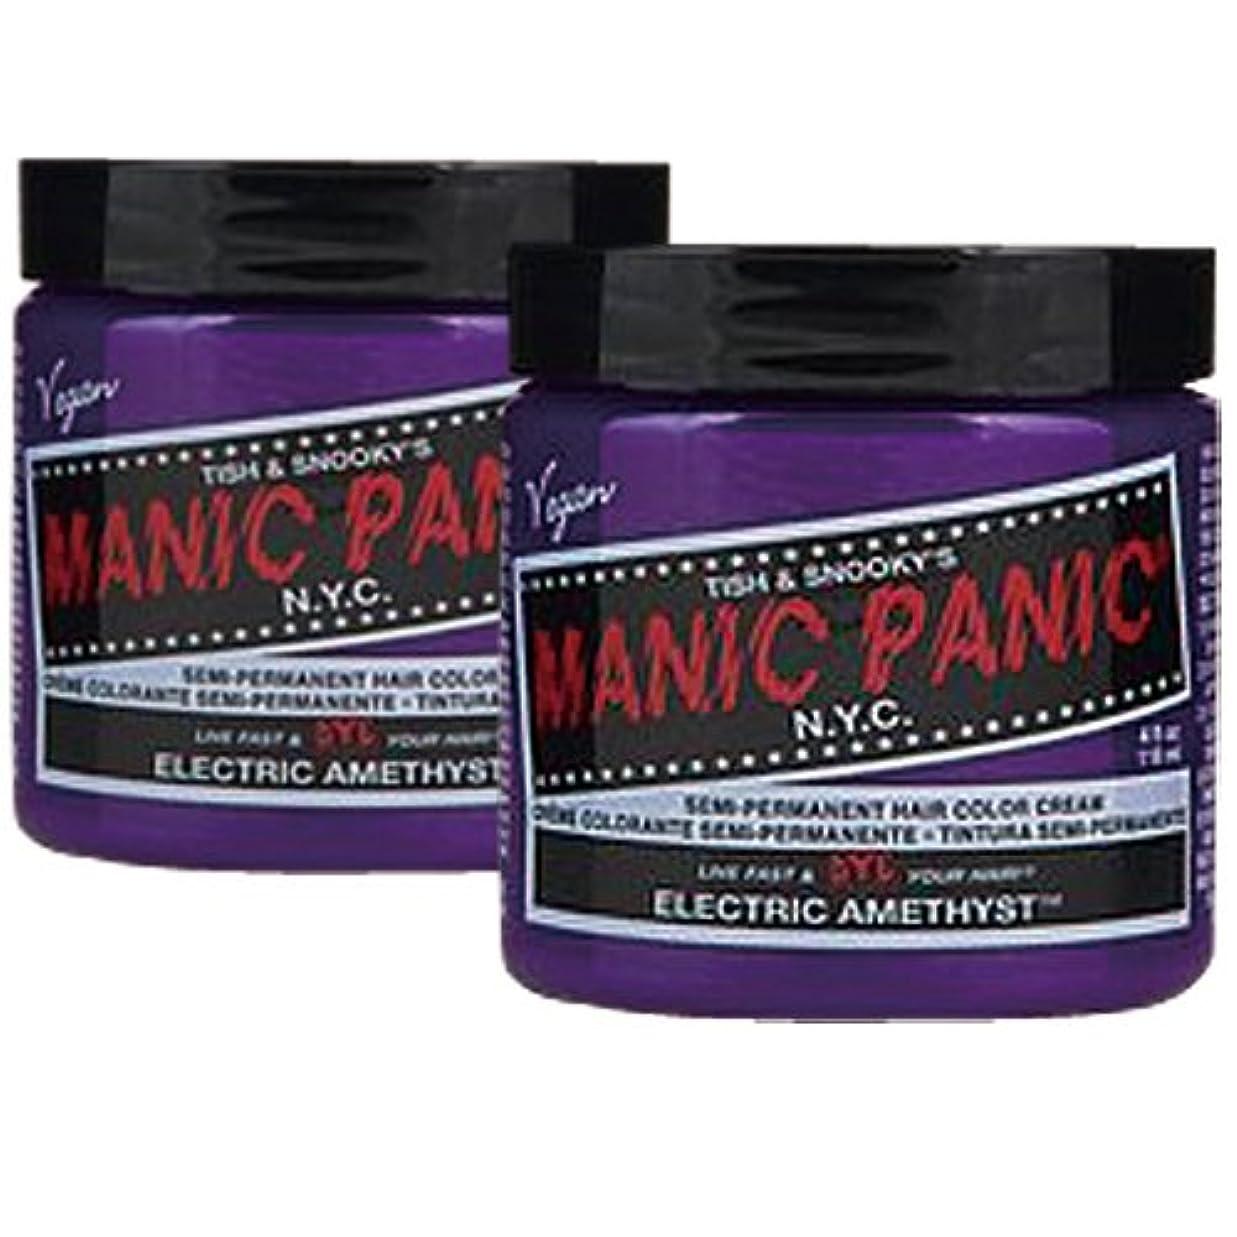 カーテンミルク耐えられない【2個セット】MANIC PANIC マニックパニック Electric amethyst エレクトリックアメジスト 118m